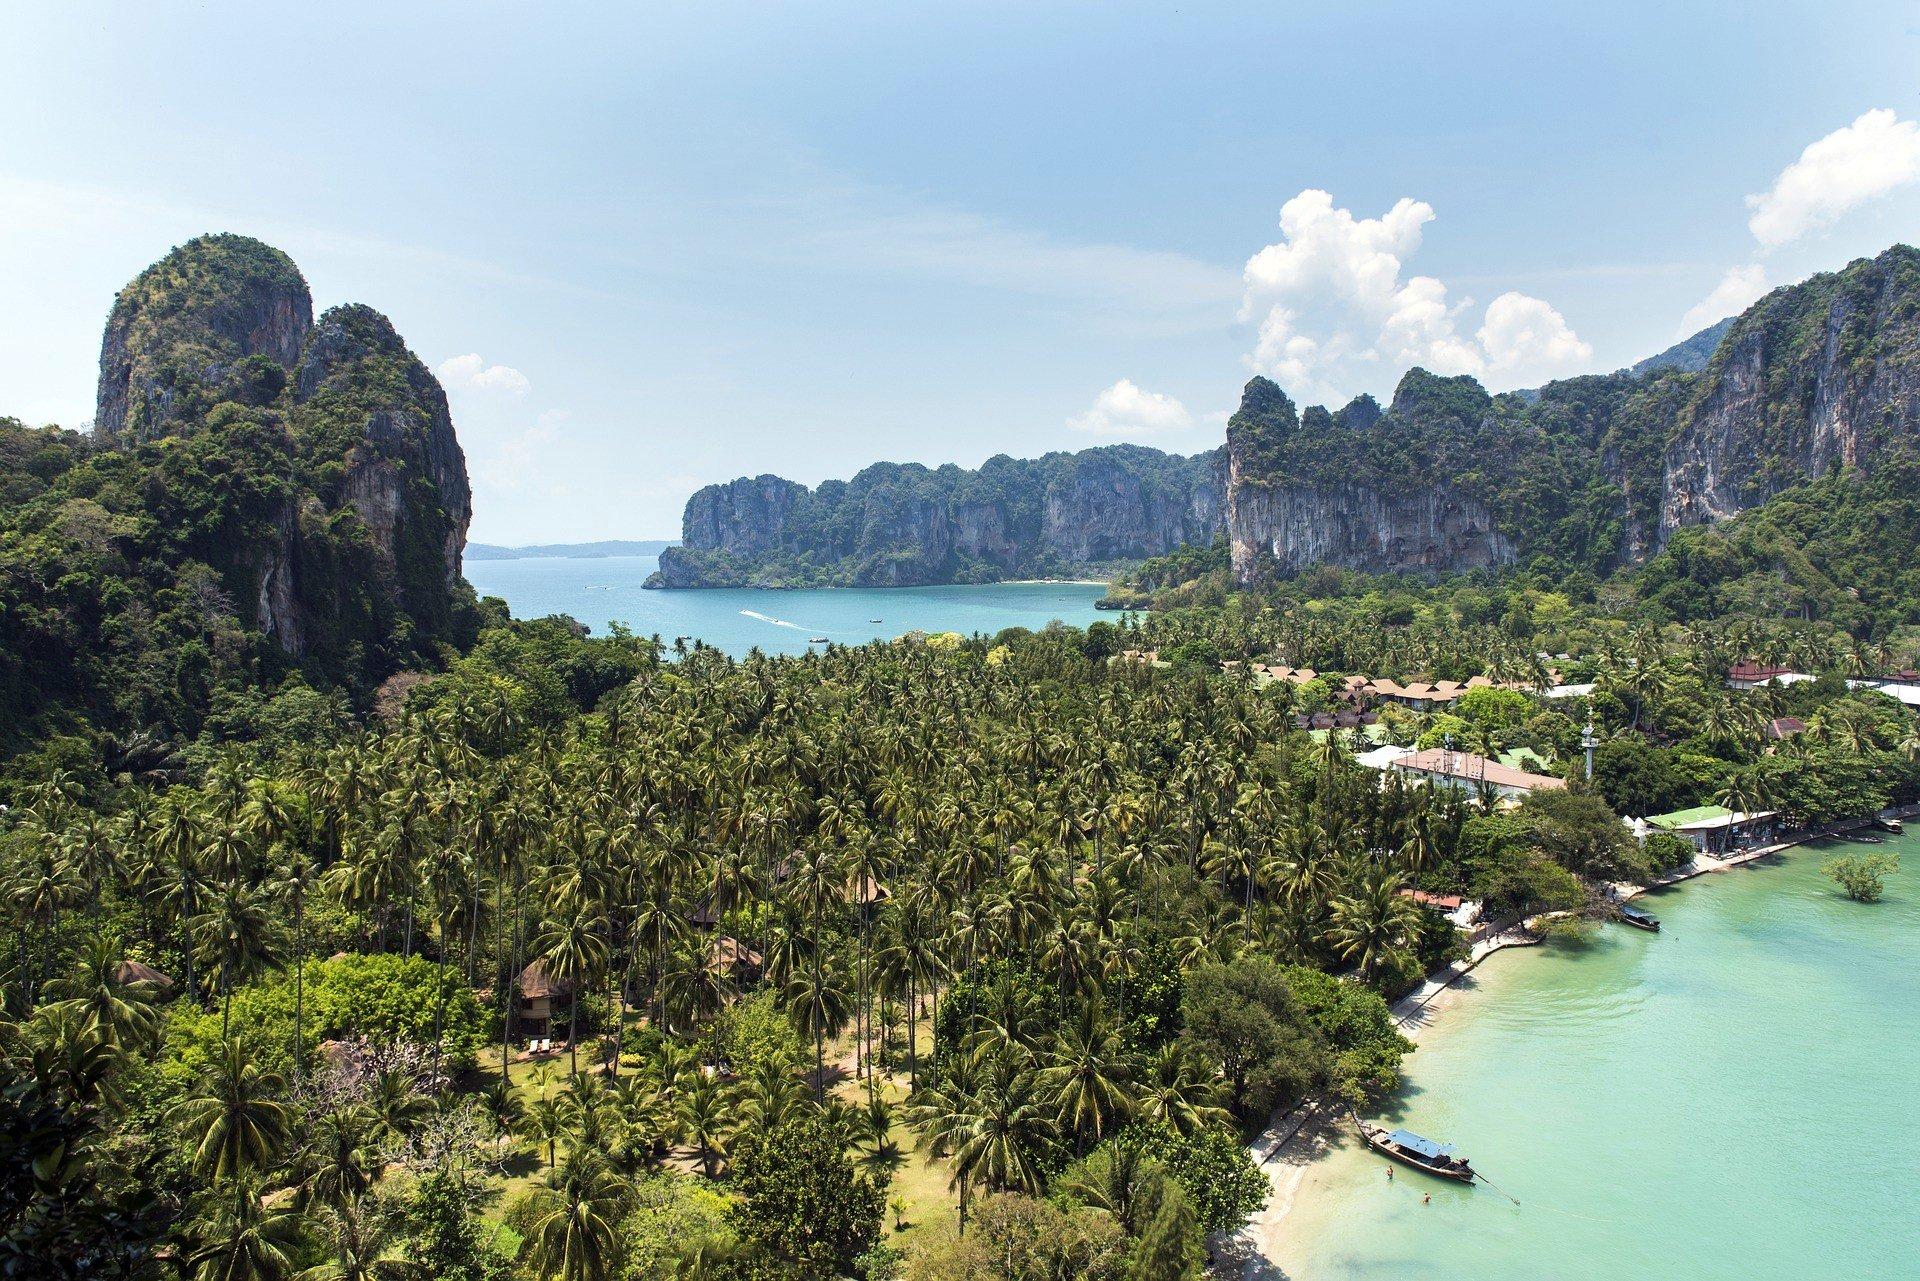 Railay Bay in Krabi